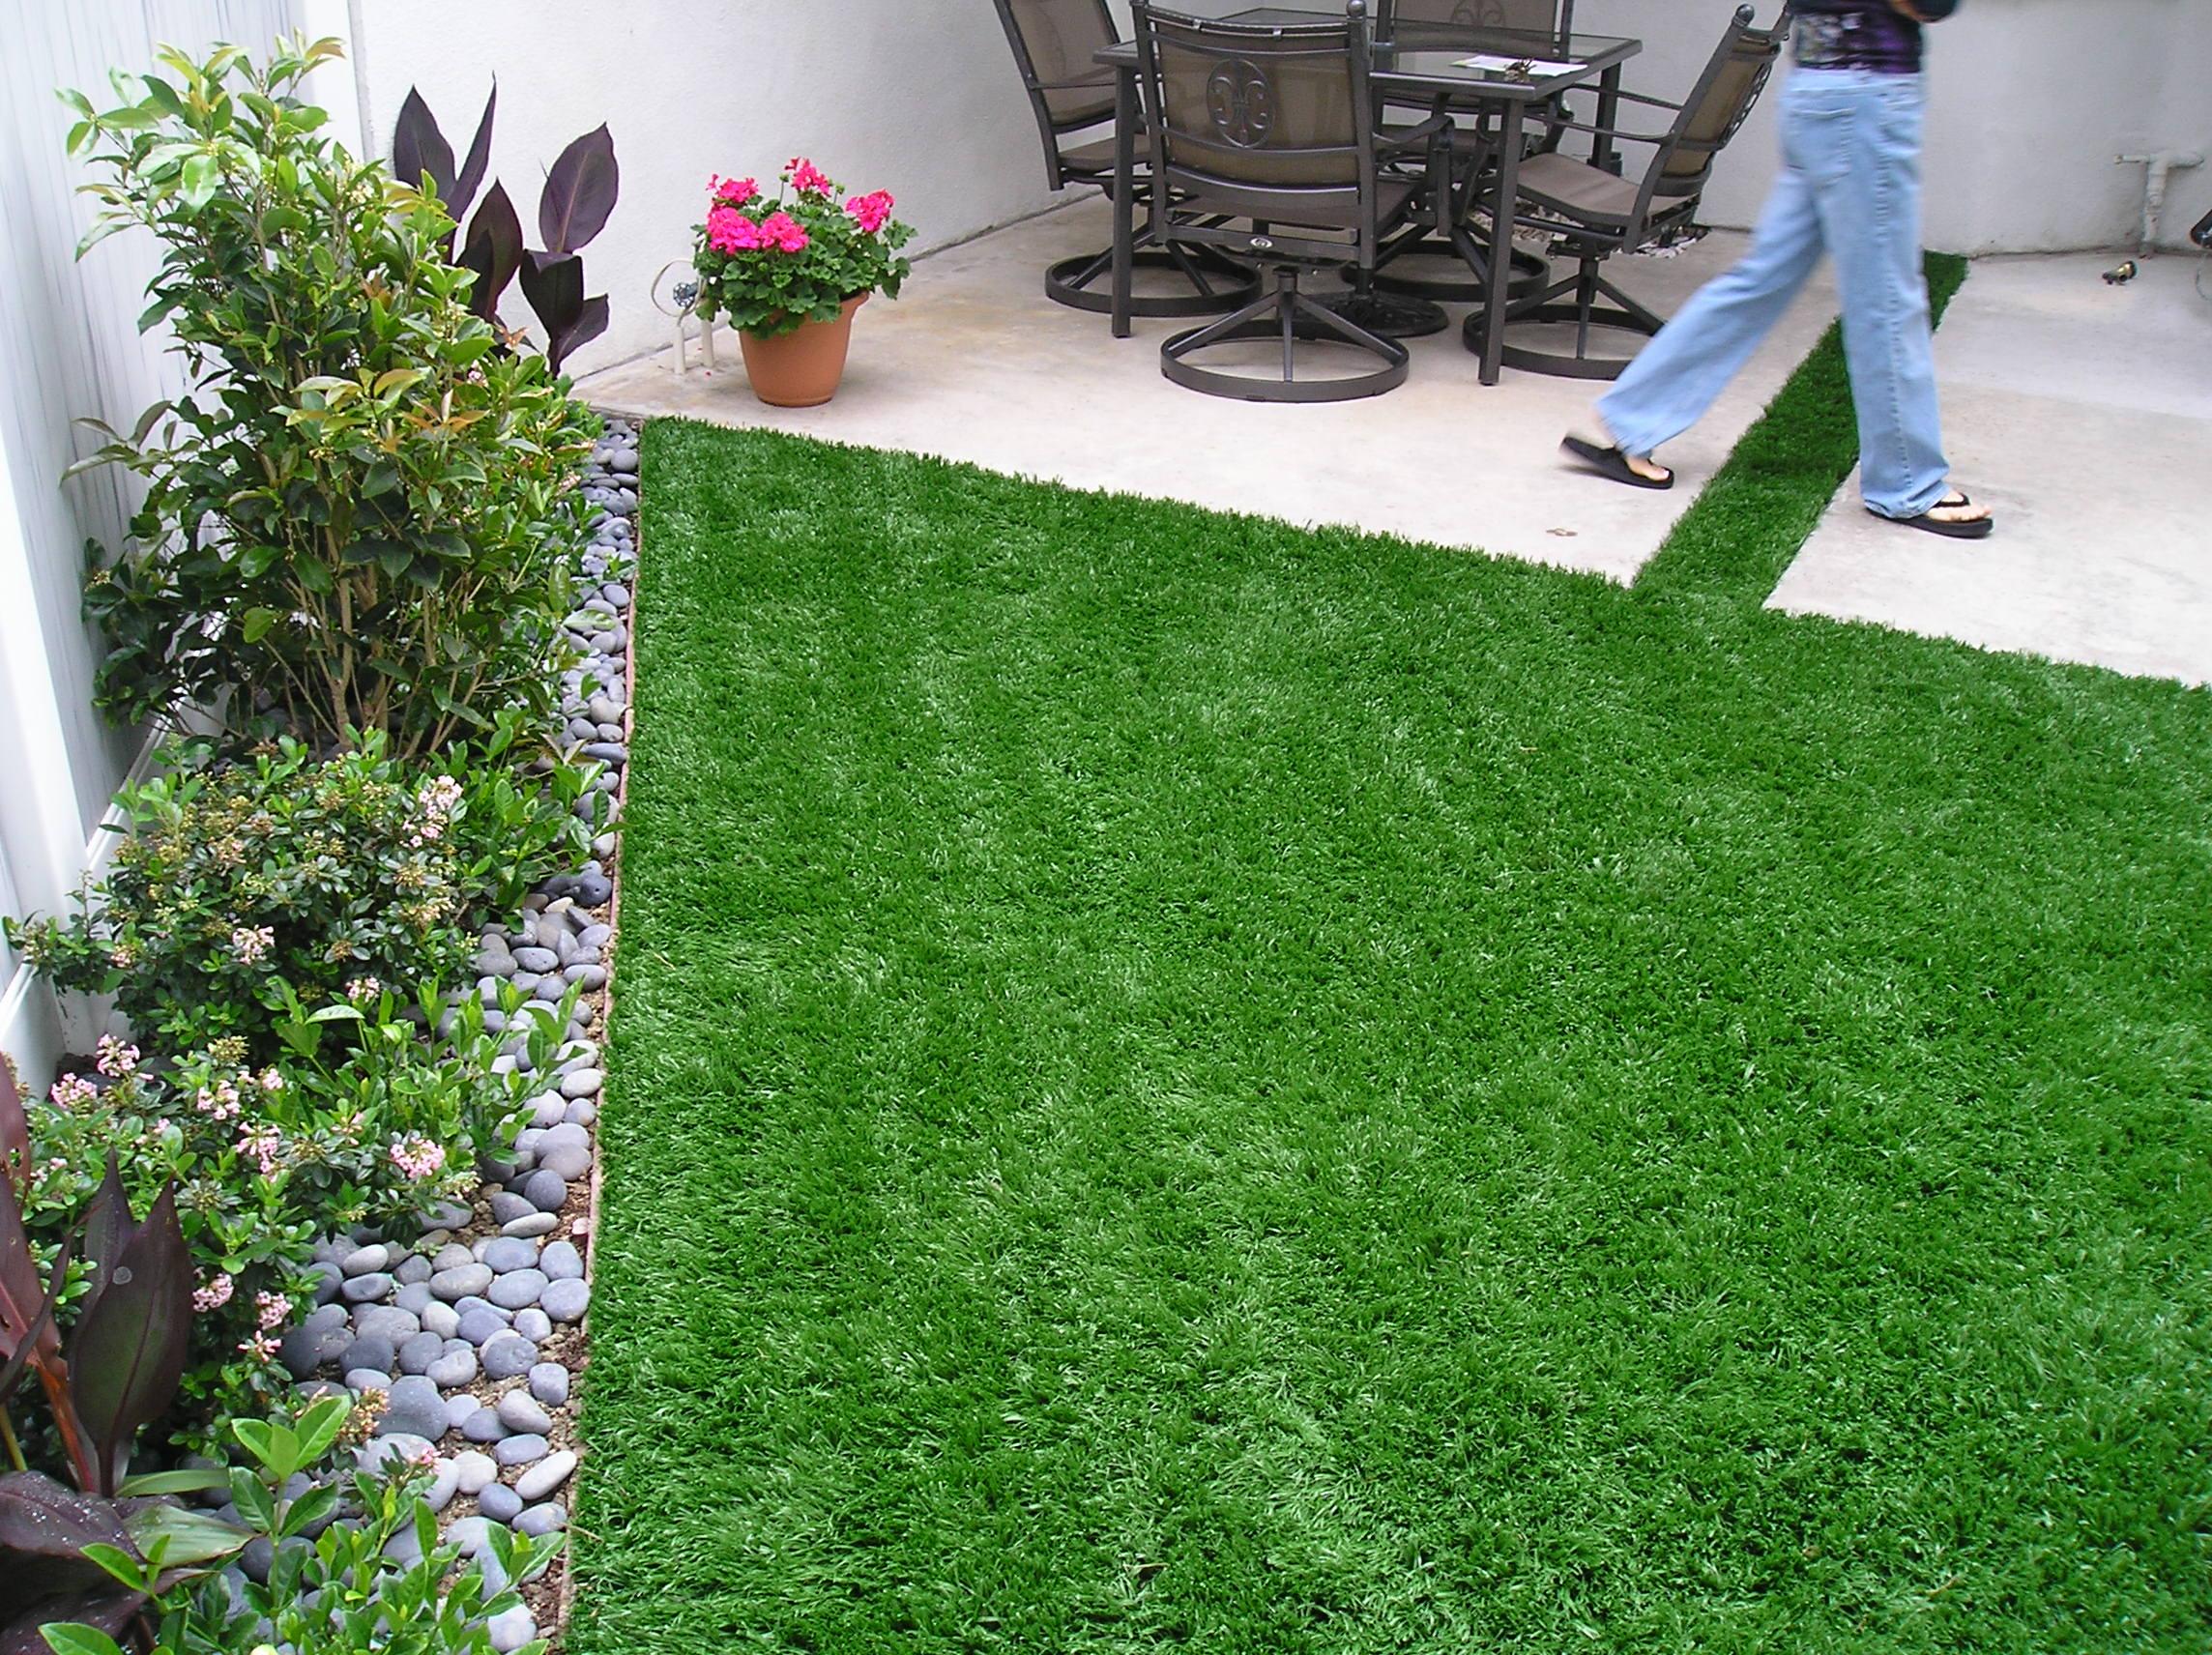 Emerald-92 Stemgrass fake grass for yard,backyard turf,turf backyard,turf yard,fake grass for backyard,backyard turf,turf backyard,fake grass for backyard,fake grass backyard,artificial grass backyard